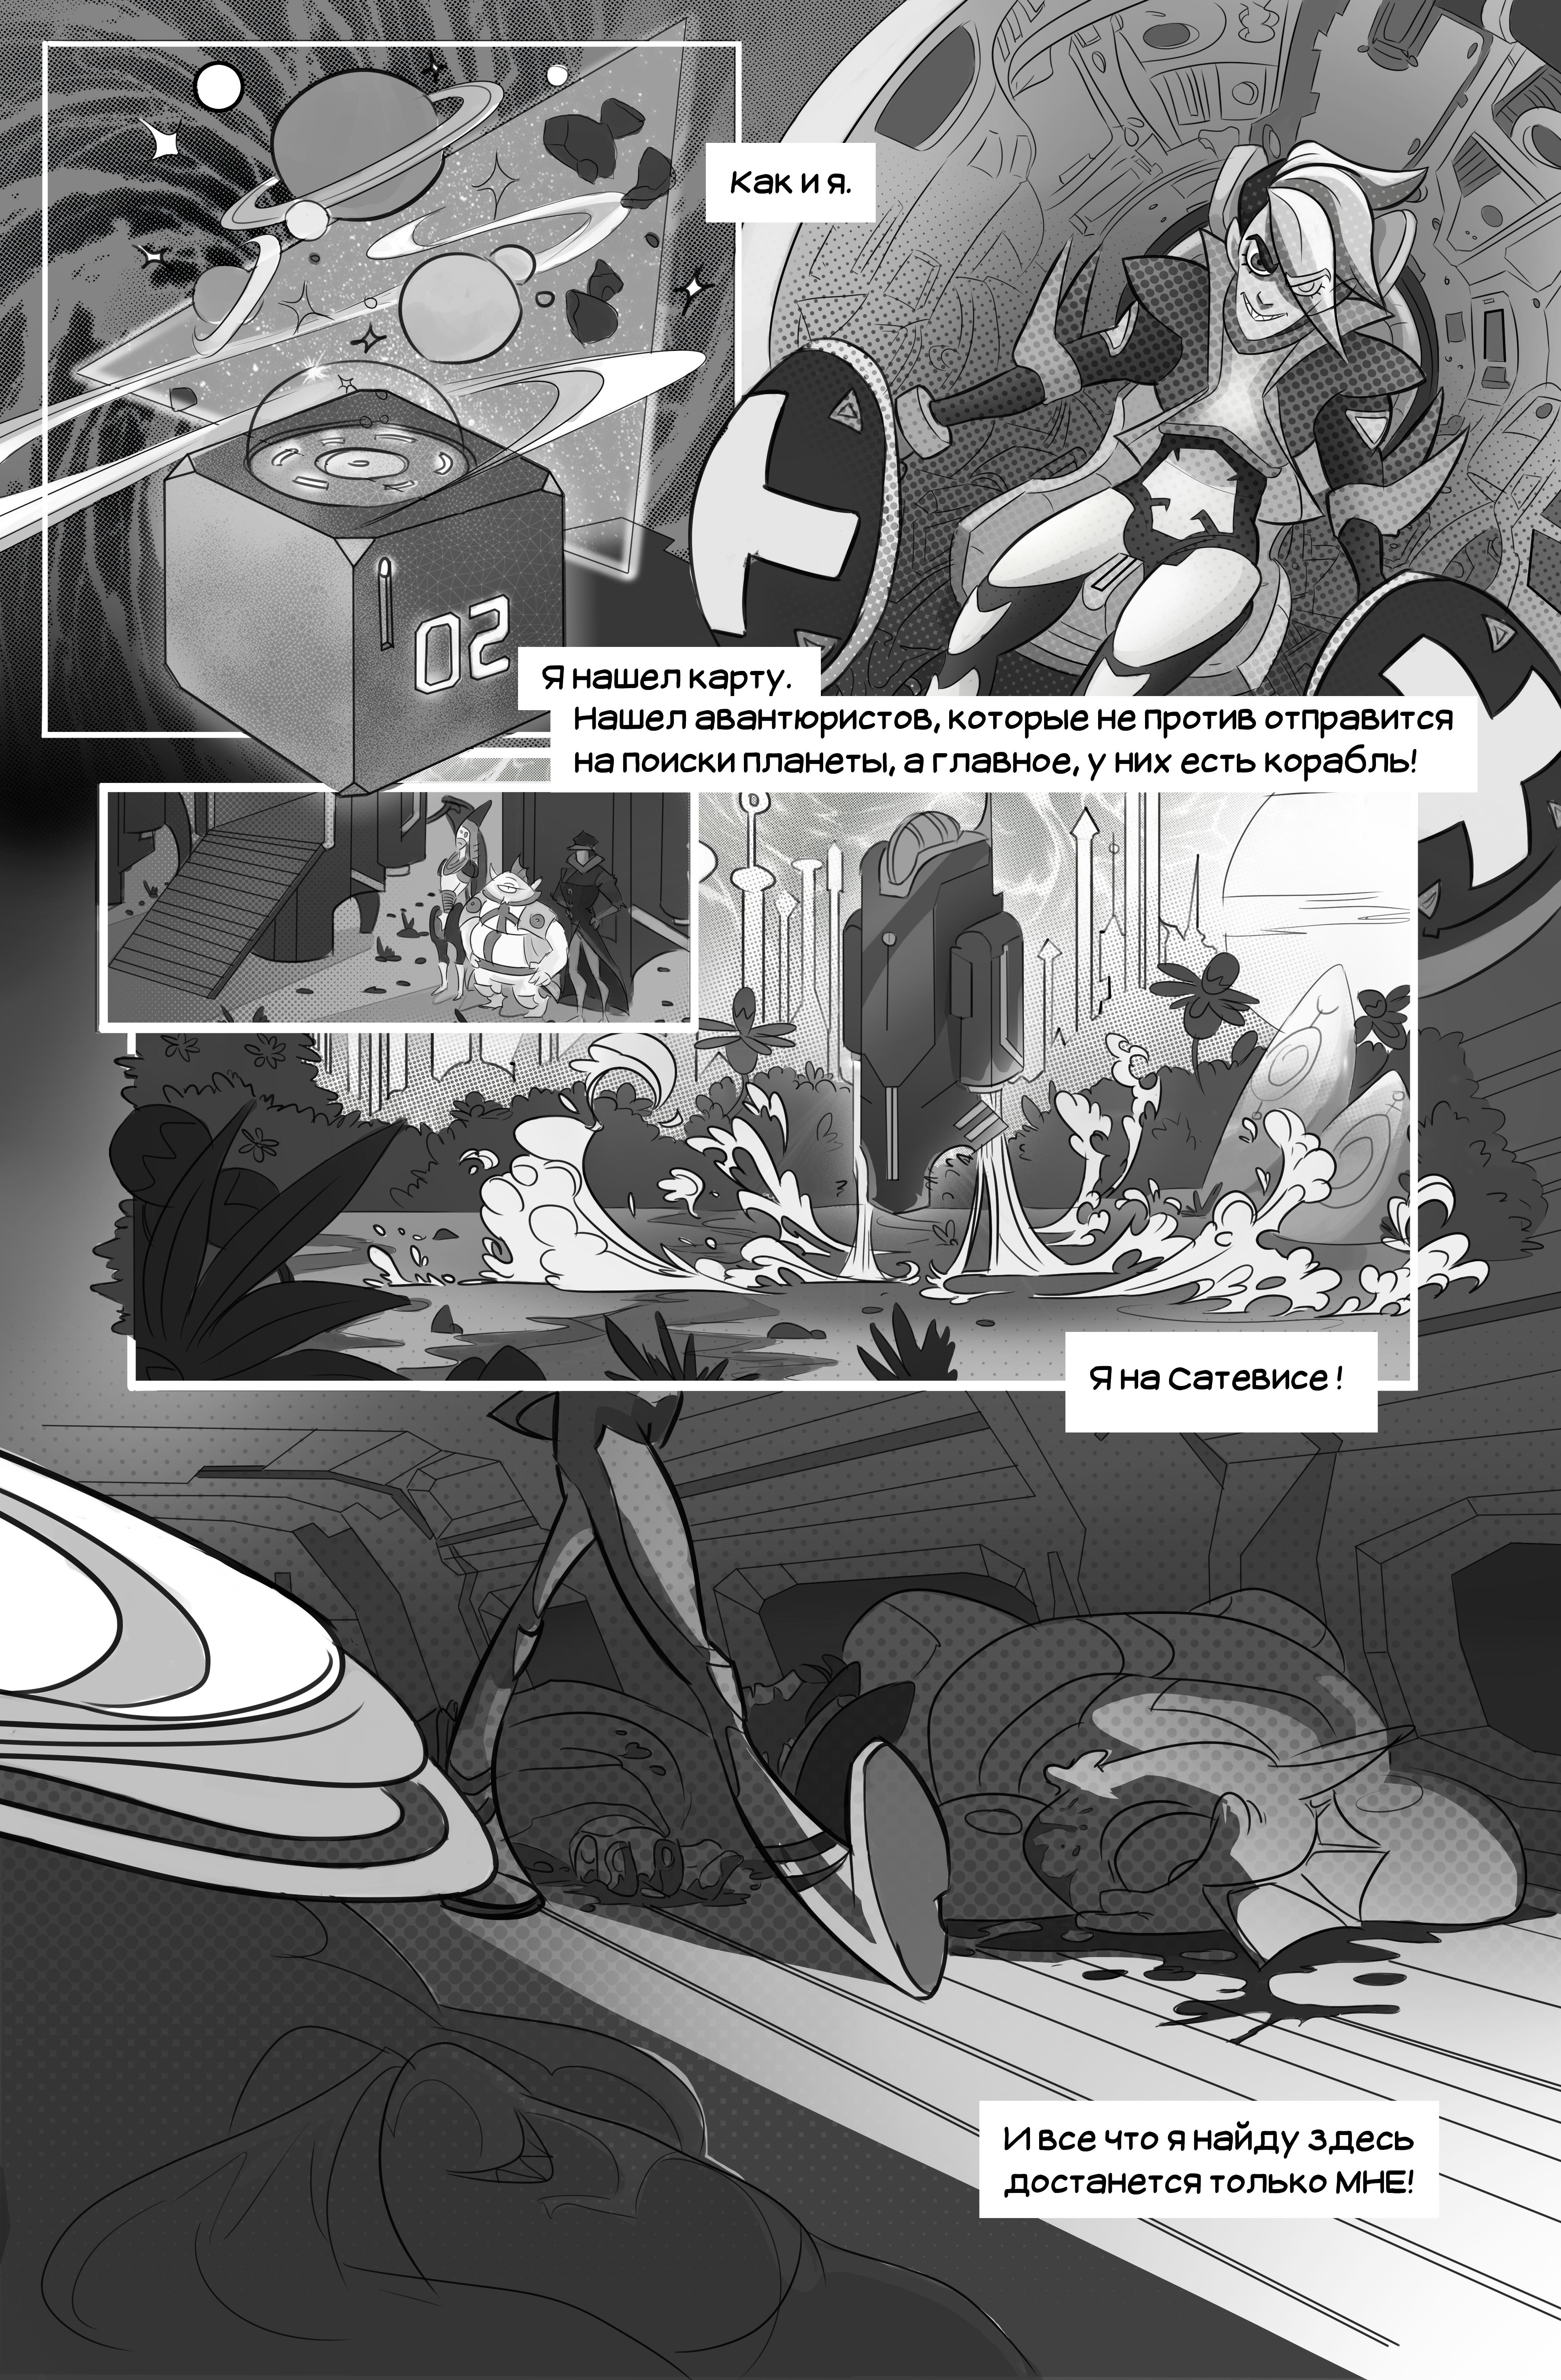 Две рисованные истории из сборника комиксов «Вторая ступень» 8